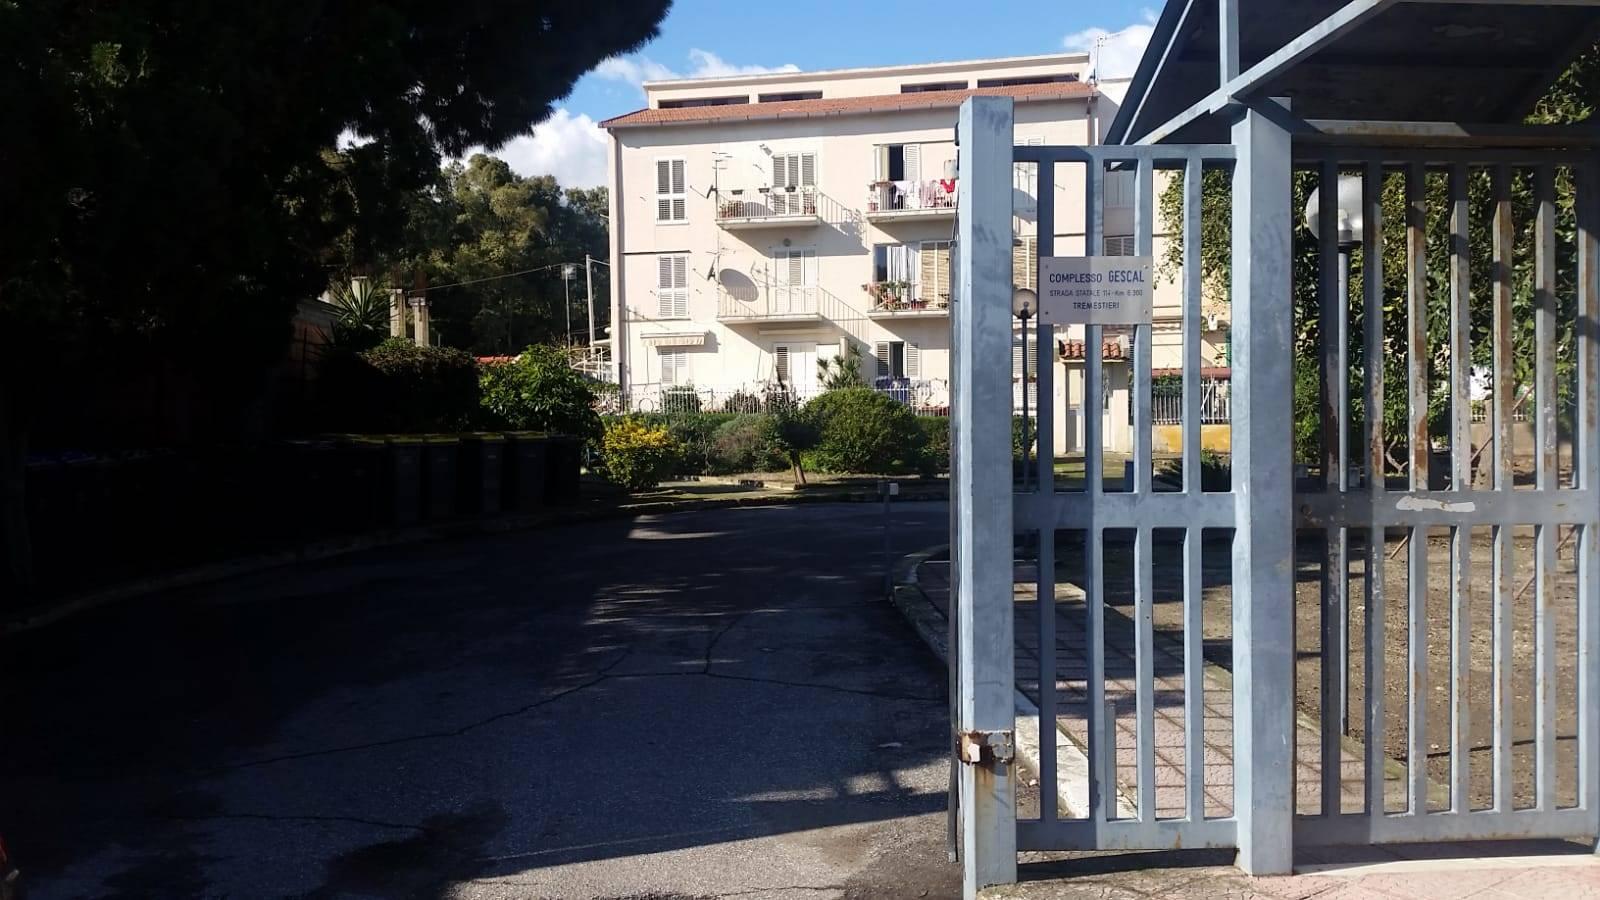 Appartamento in vendita a Messina, 3 locali, zona Località: PISTUNINA / TREMESTIERI, prezzo € 76.000   CambioCasa.it